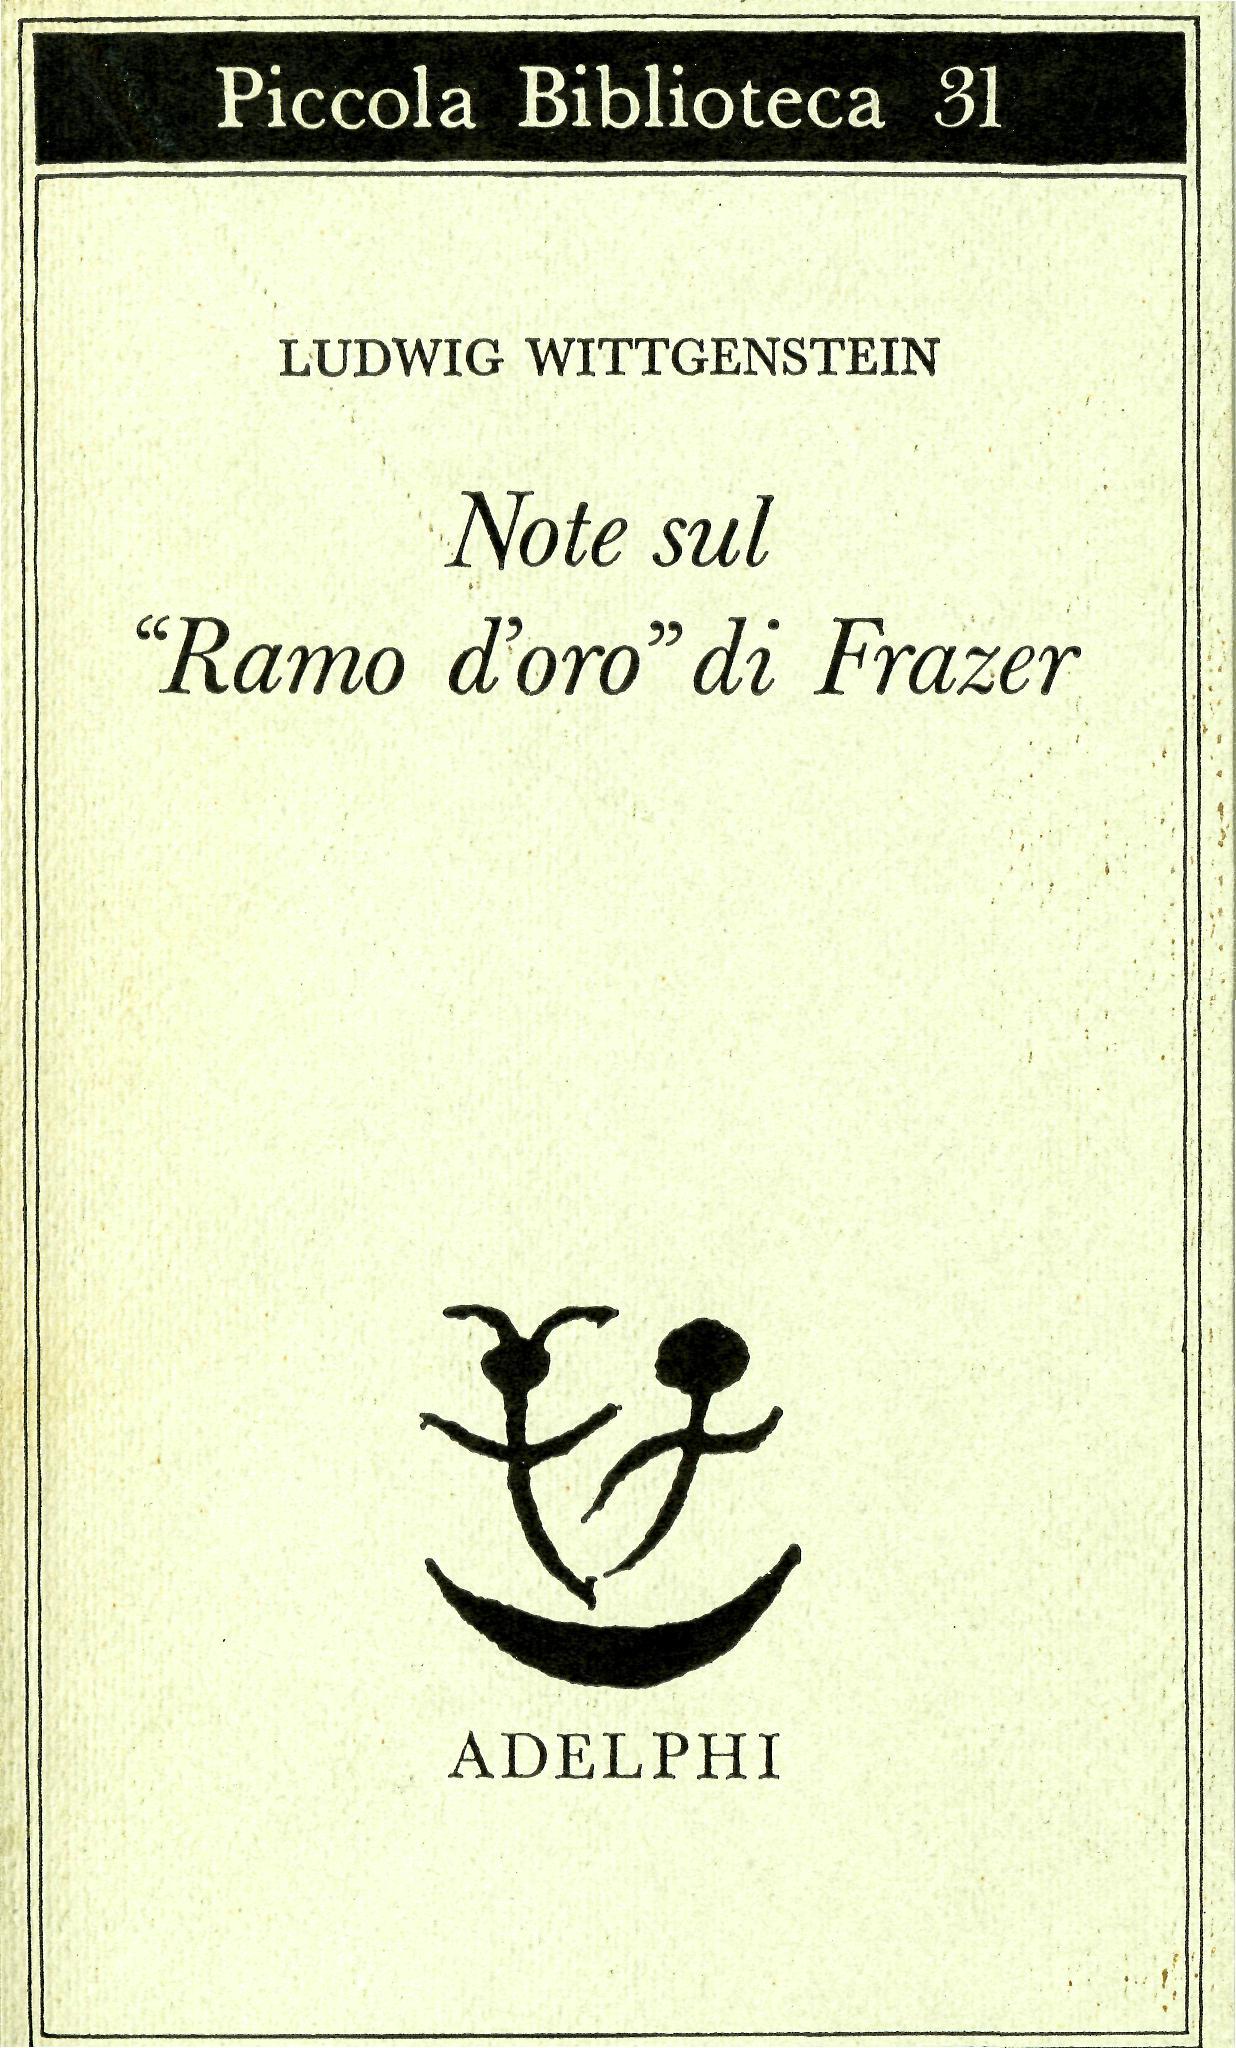 """Note sul """"Ramo d'oro..."""